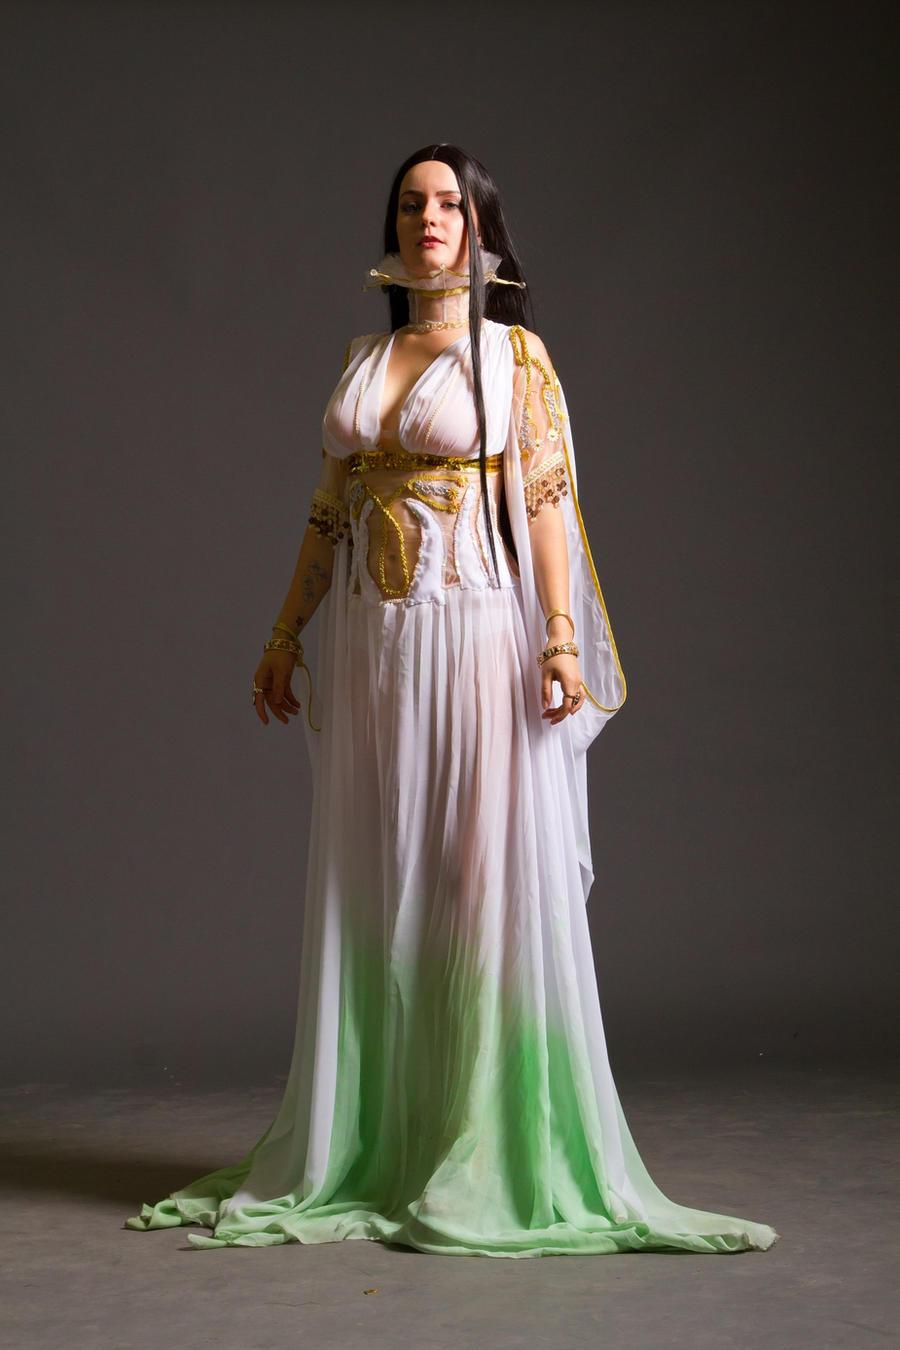 Van Helsing Aleera Costume